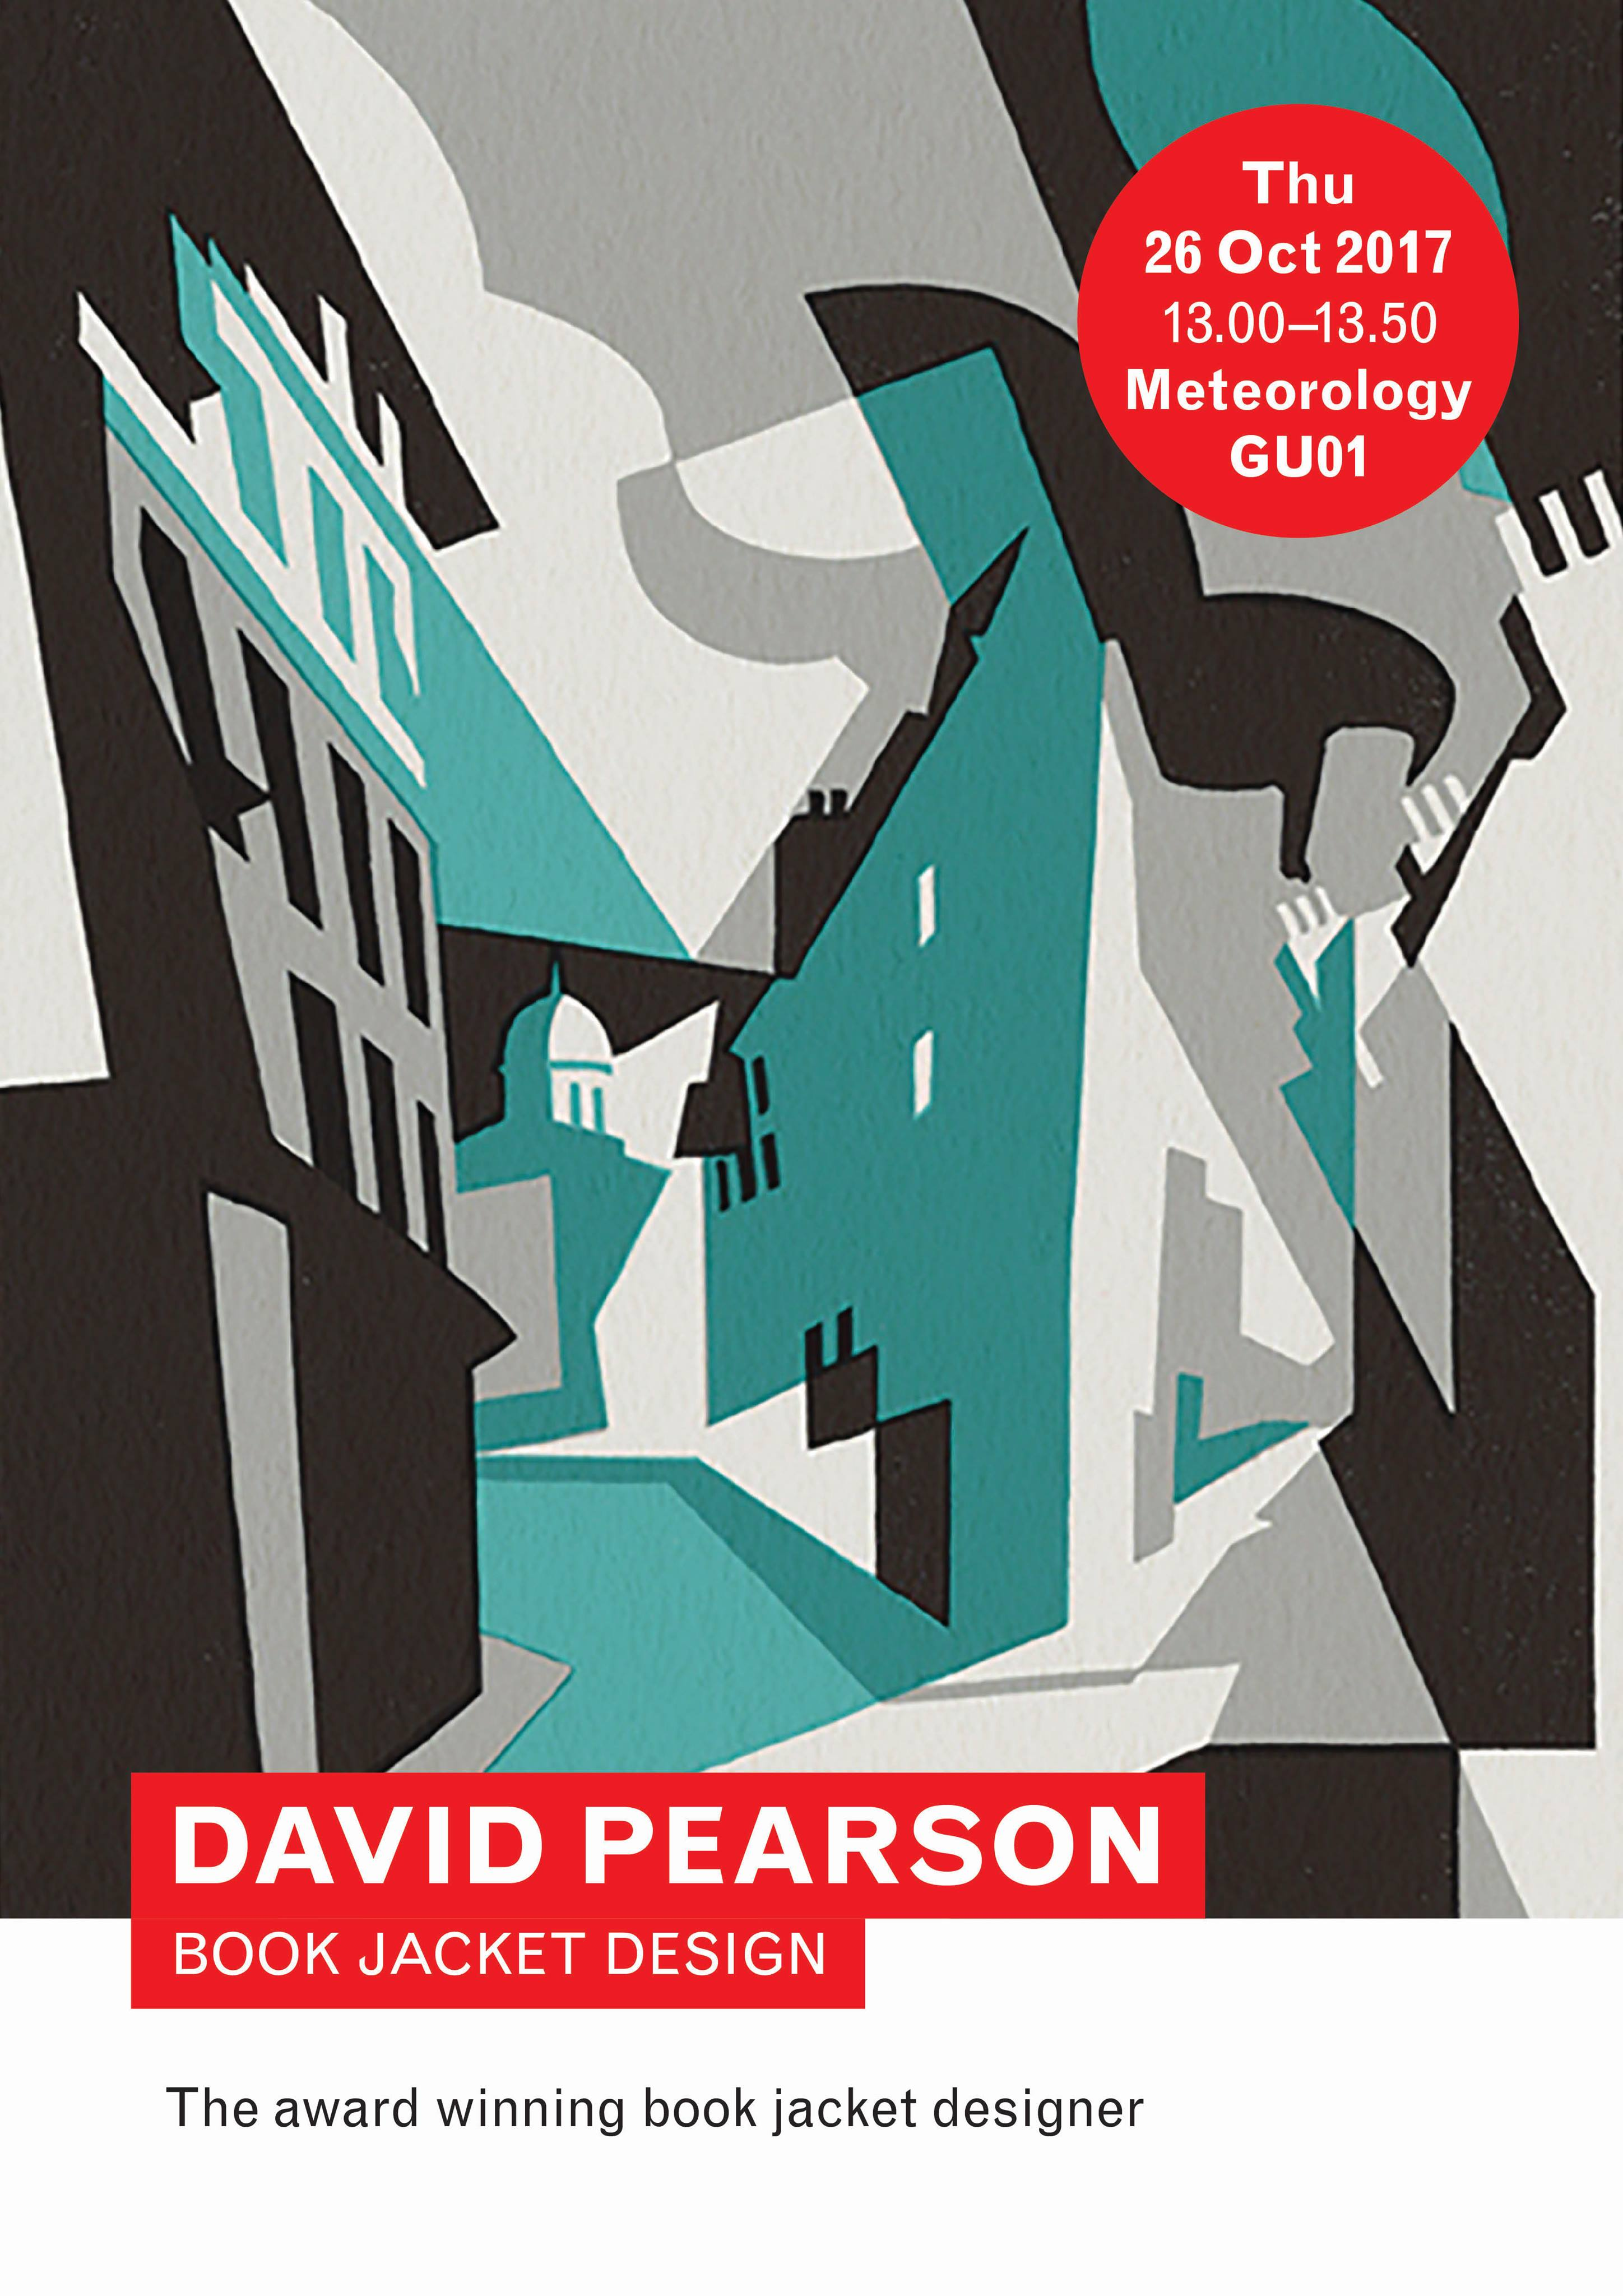 David Pearson - Event Poster